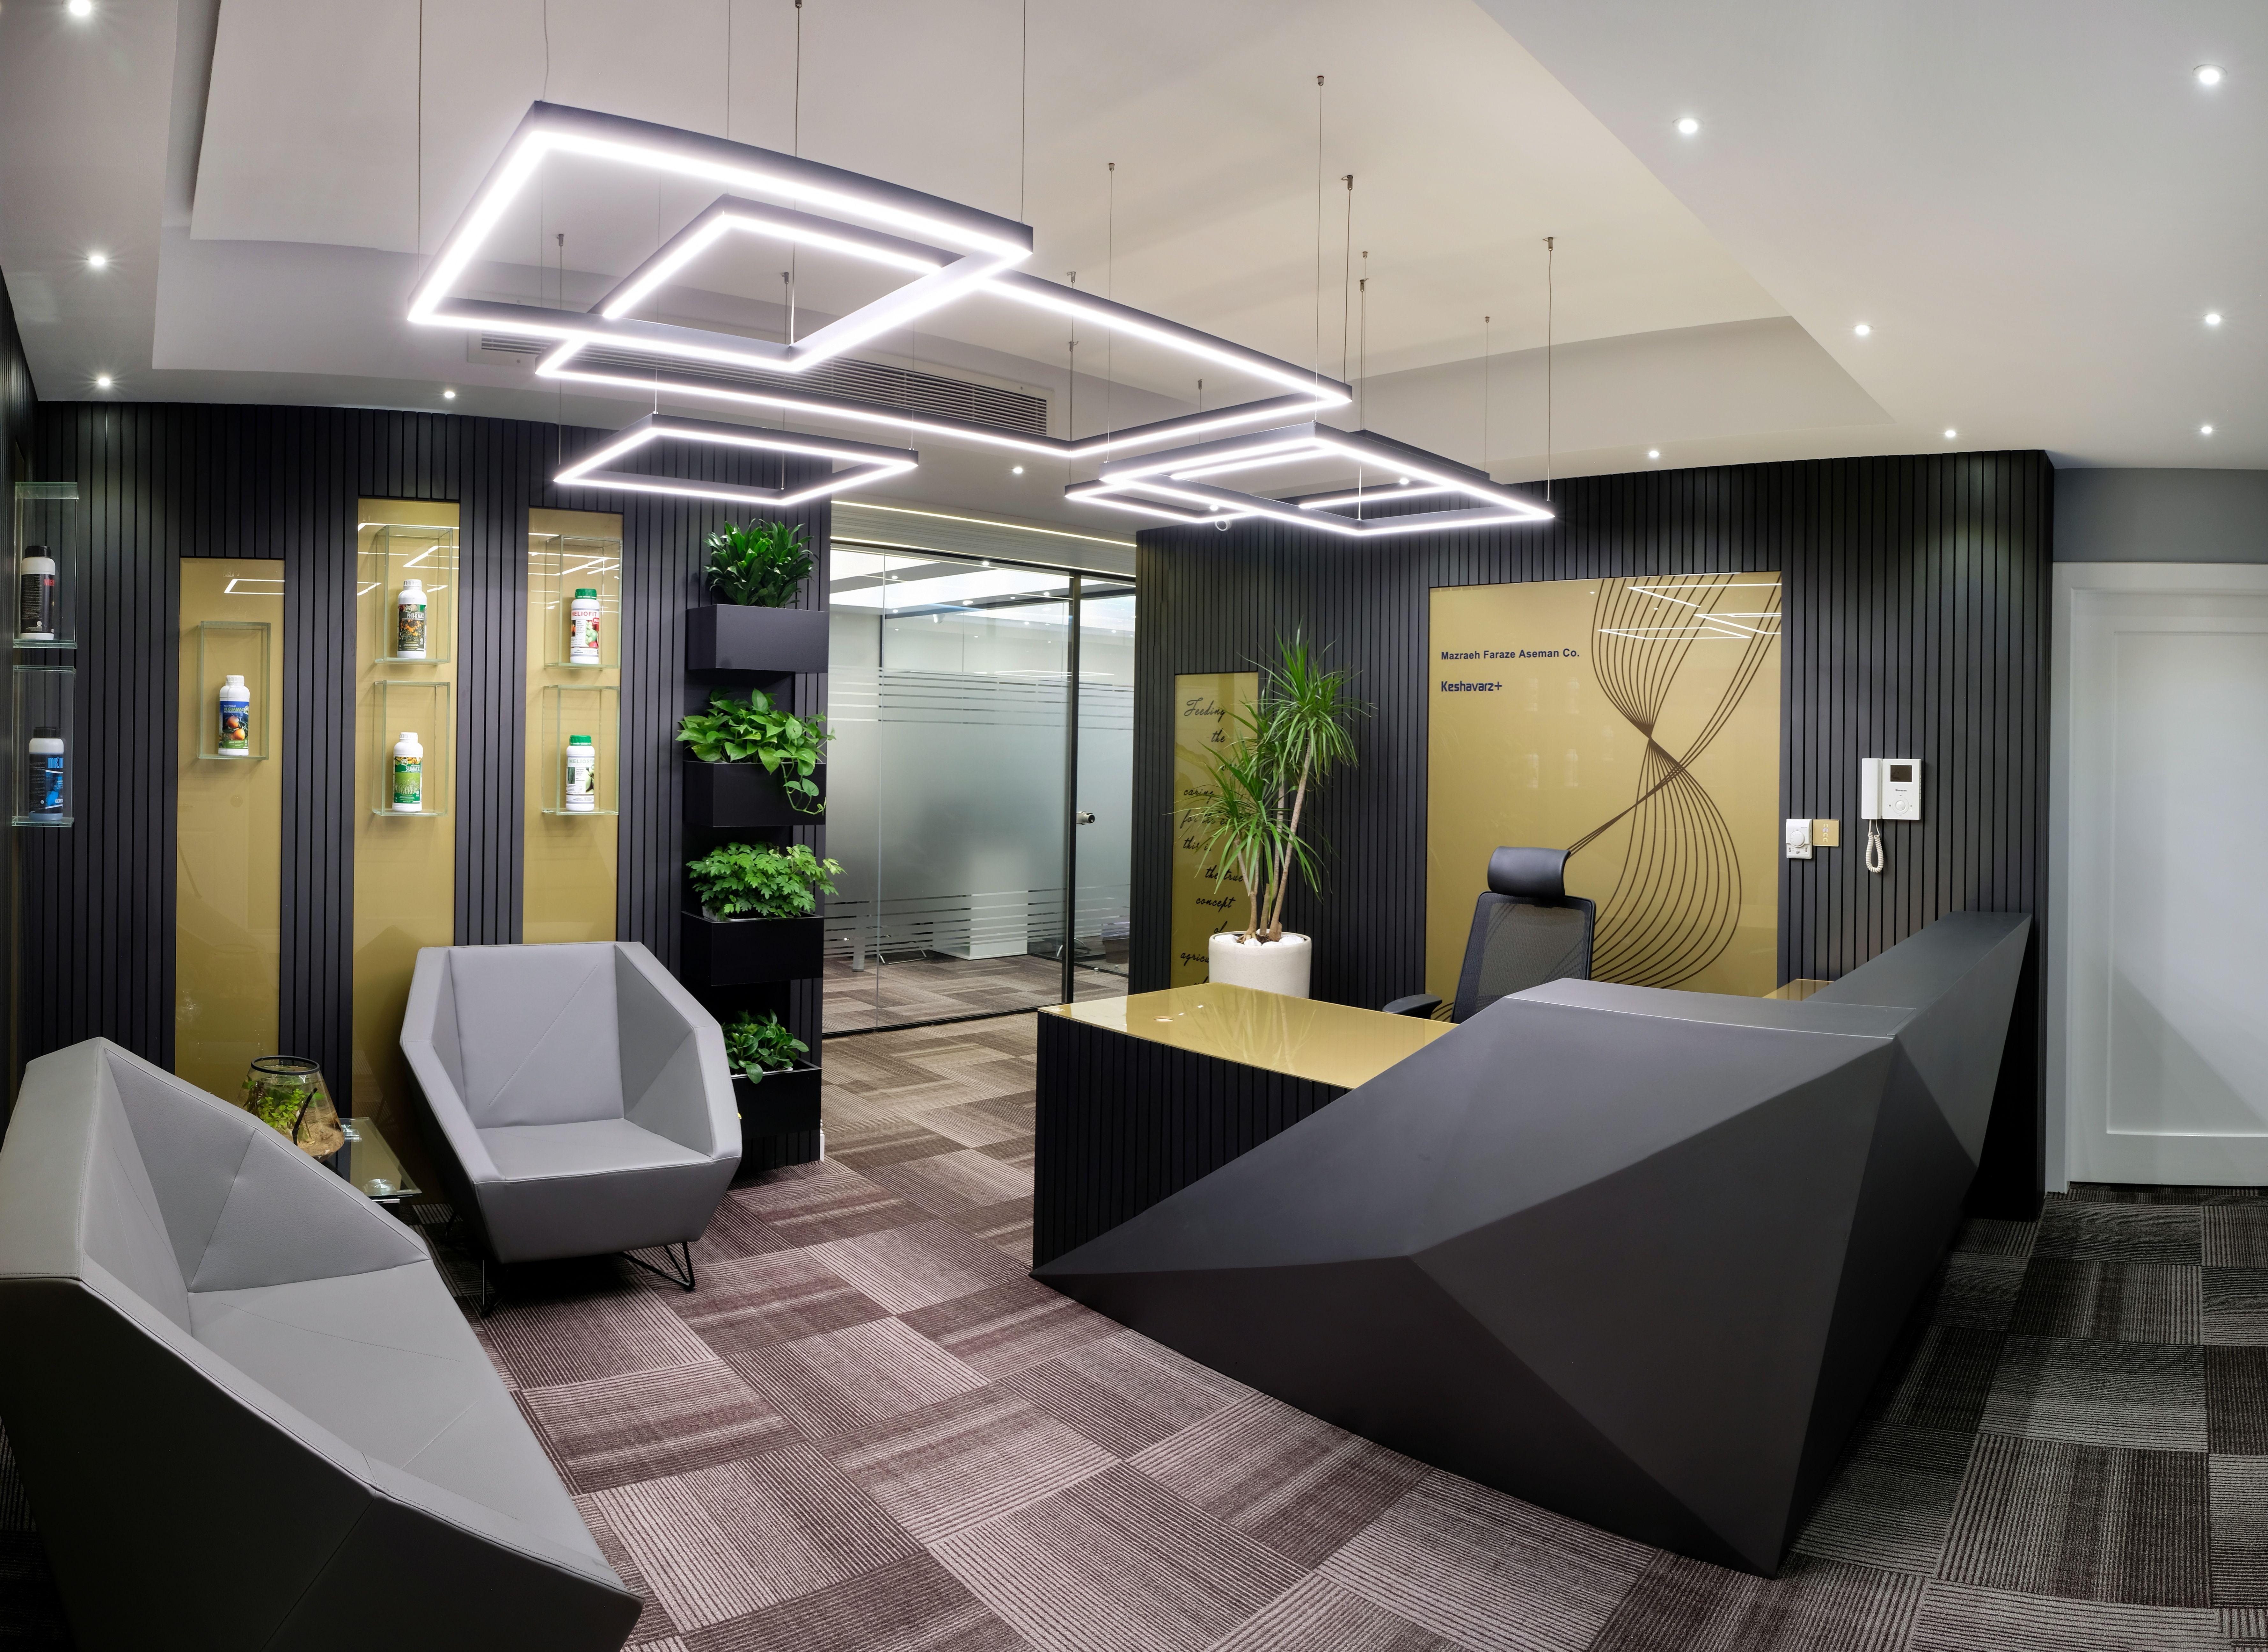 modular led linear light linear pendant lighting linear lighting ceiling design